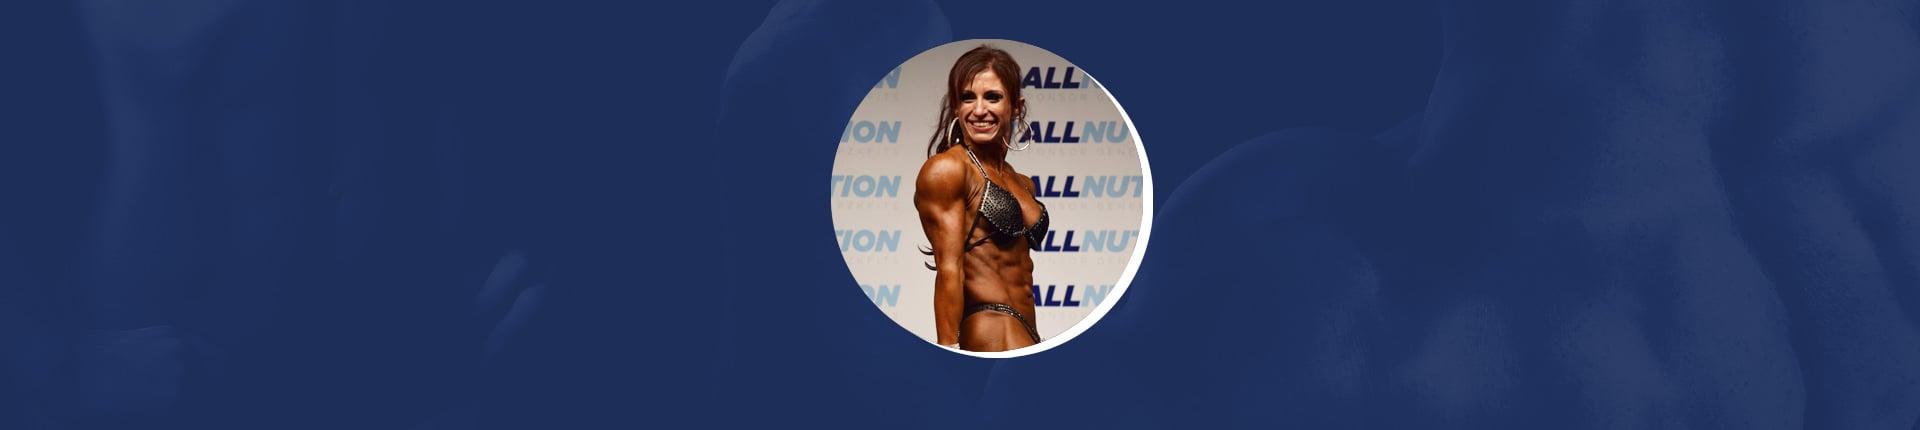 Aleksandra Krzyworzeka - Mistrzyni Polski 2017 w Fitness Atletycznym Kobiet